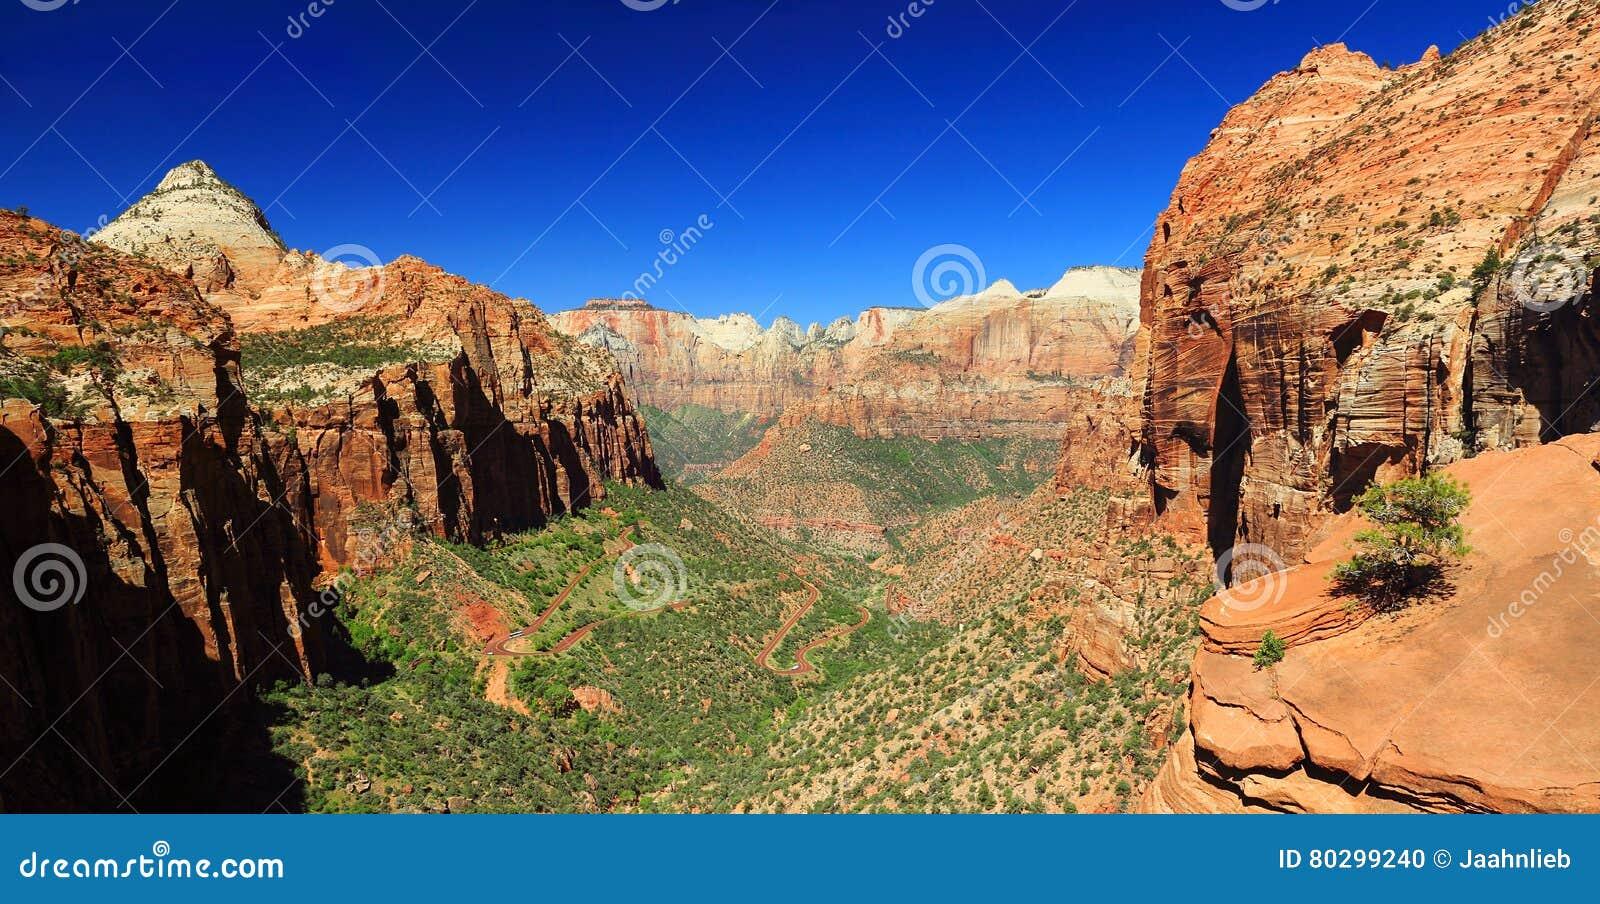 De canion overziet, Zion National Park, Utah